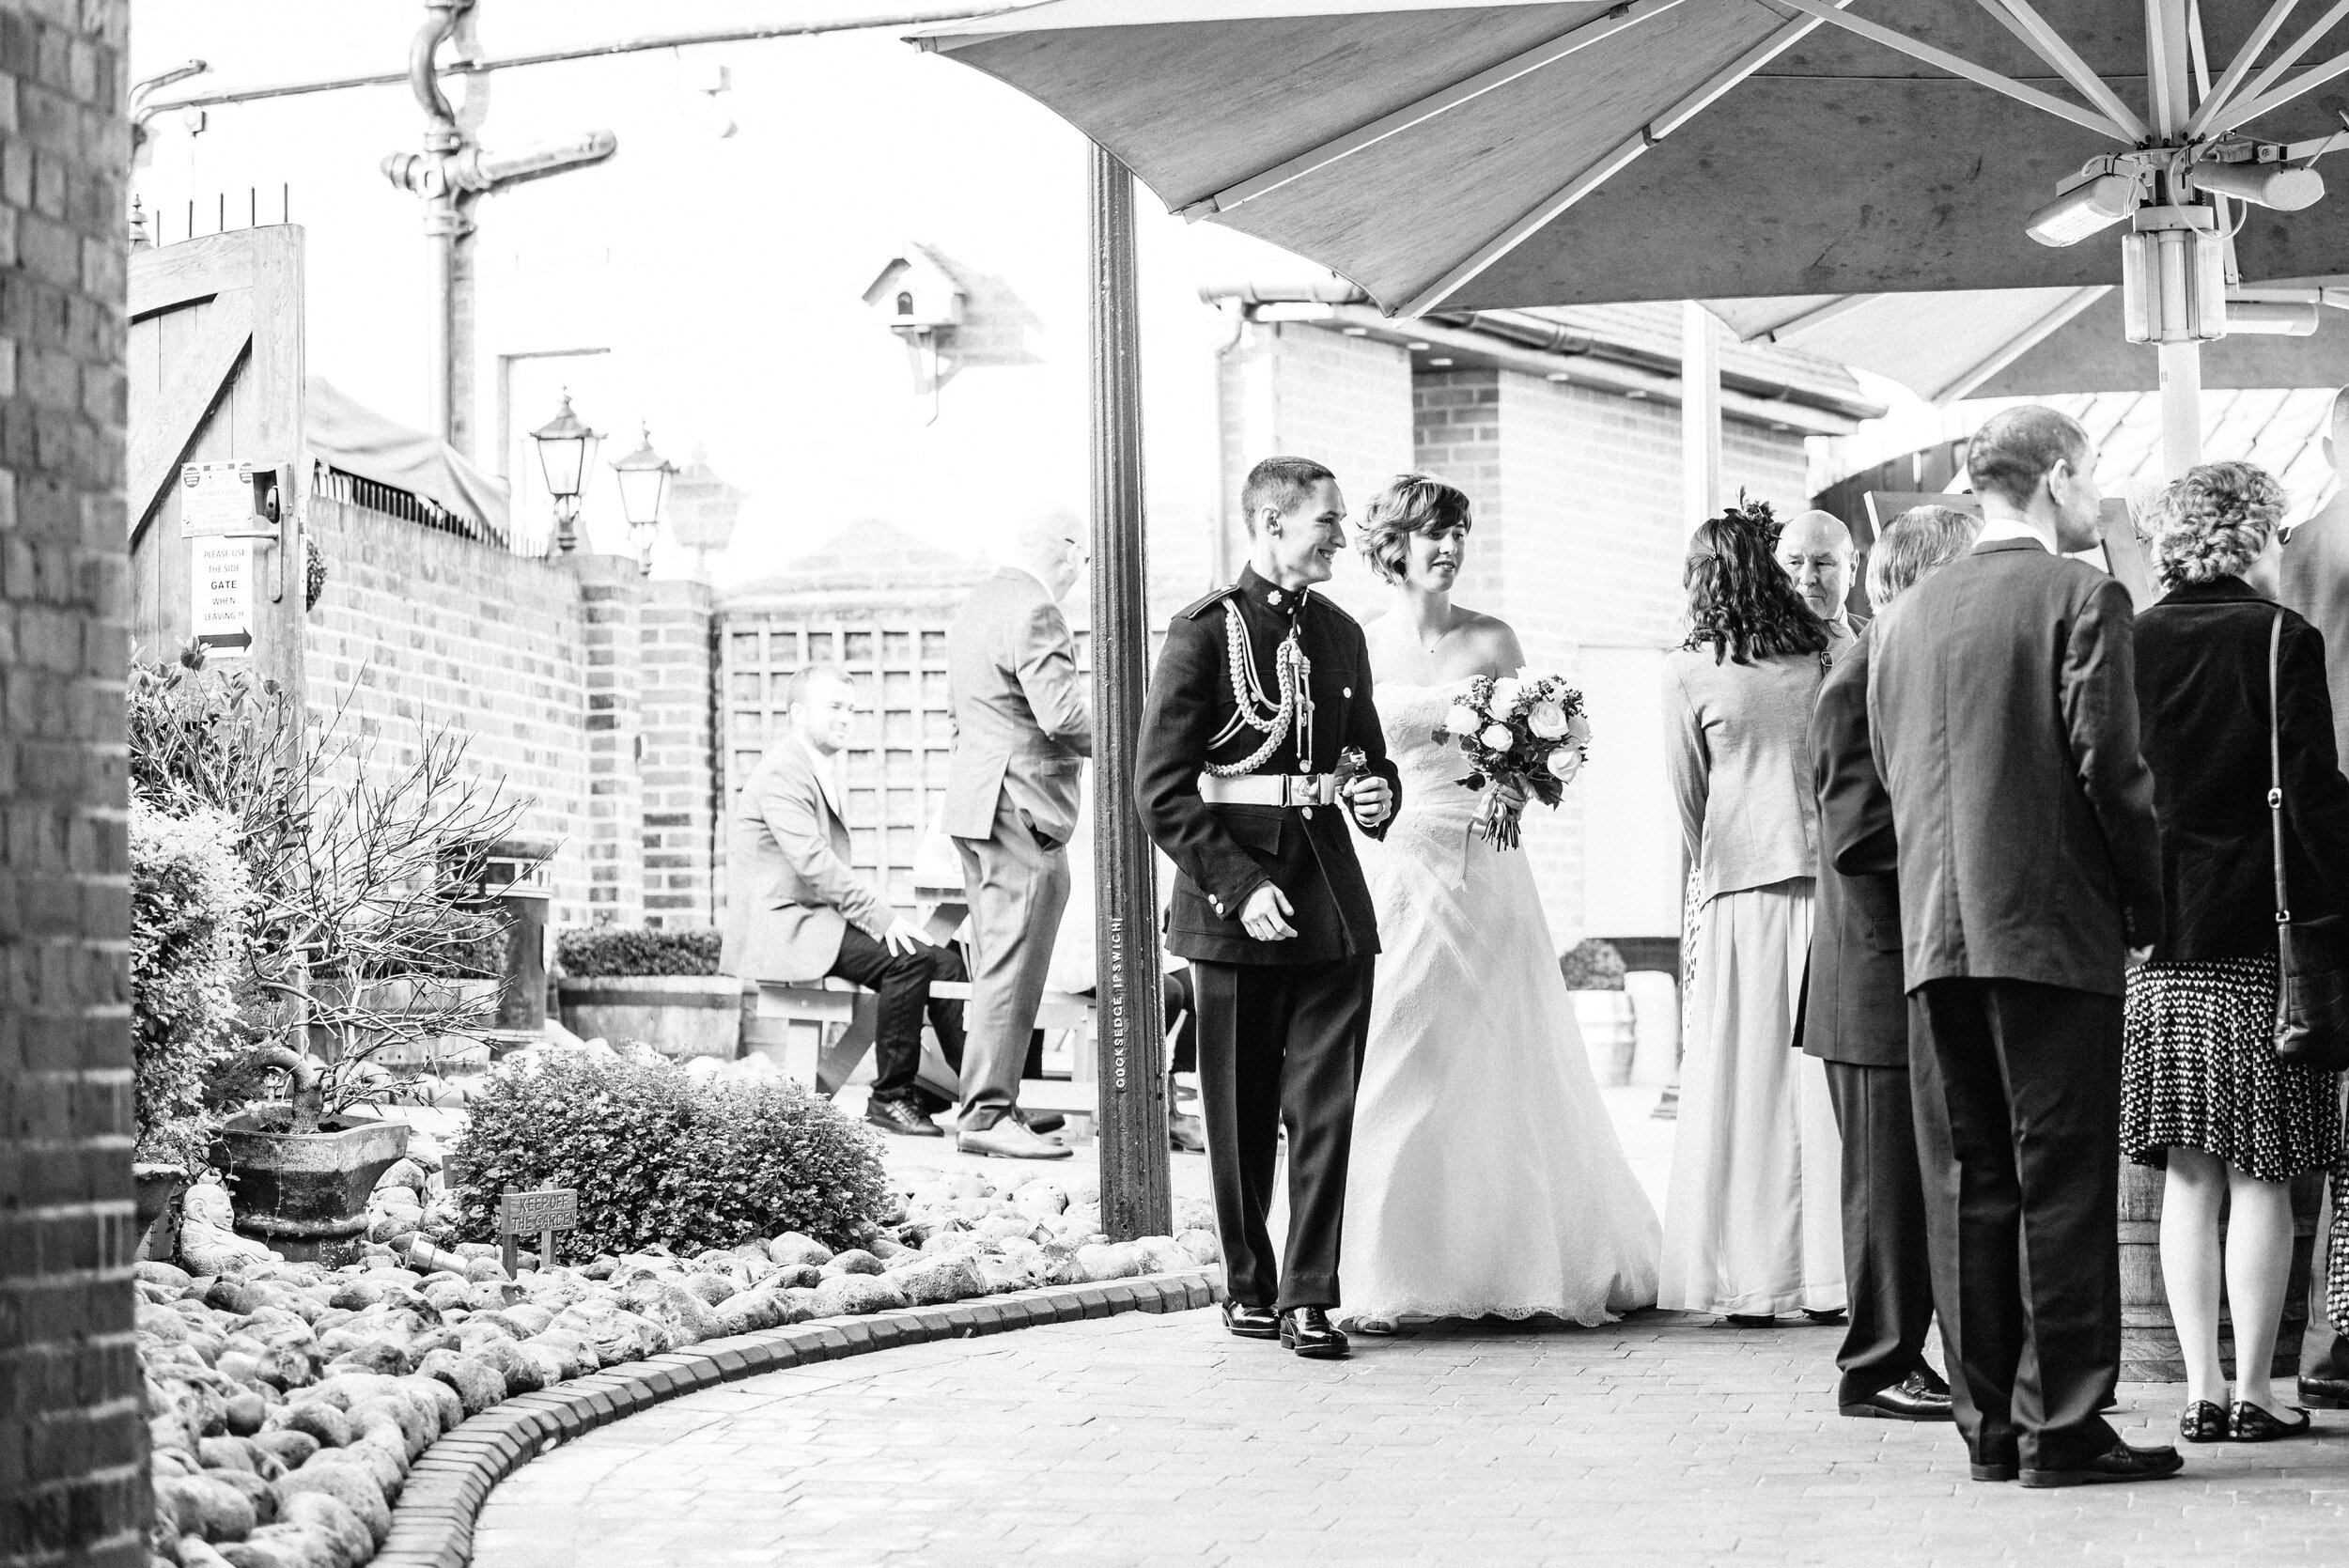 SUFFOLK_WEDDING_PHOTOGRAPHY_ISAACS_WEDDING_VENUE_WEDDINGPHOTOGRAPHERNEARME_iPSWICHWEDDINGPHOTOGRAPHER (51).jpg